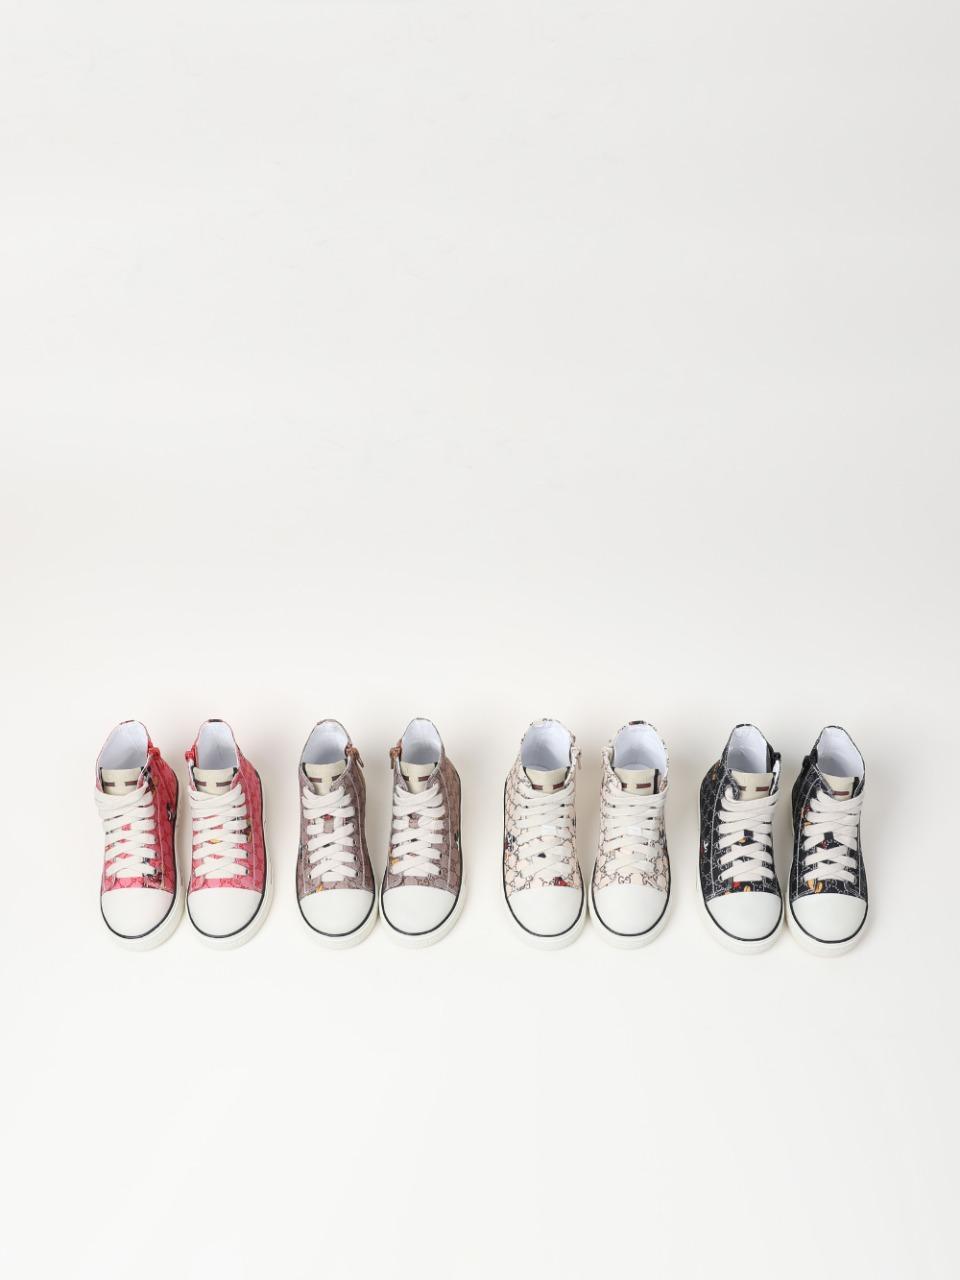 kutu botlar ayakkabı eu 26-35 tasarımcı moda ayakkabı çocuk göndermek üzerinde çocuk ayakkabıları siyah çocuğun futbol ayakkabısı çocuk kırmızı kız kumaş kayma